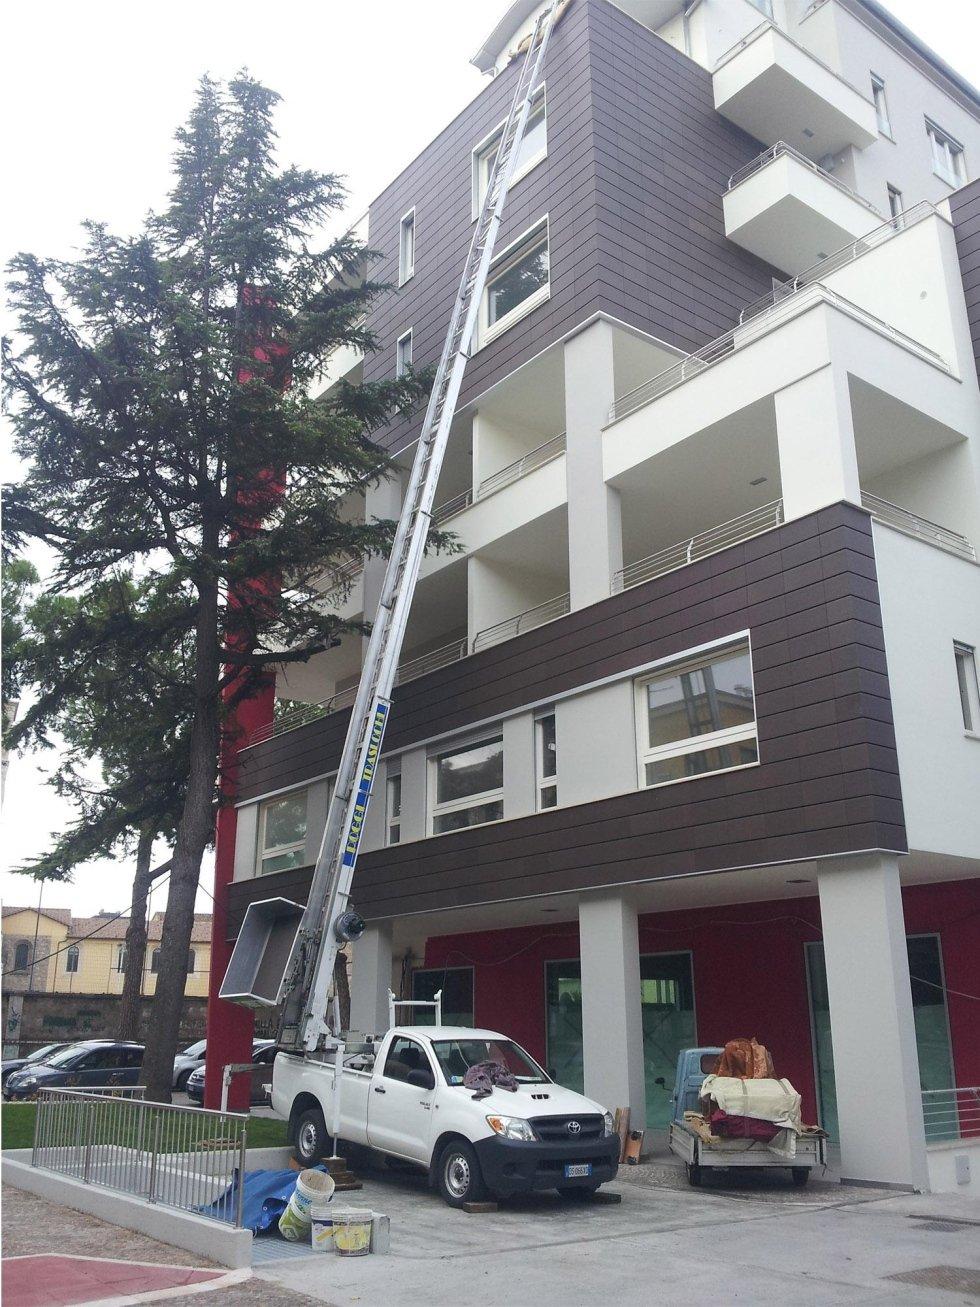 traslochi appartamenti piani alti